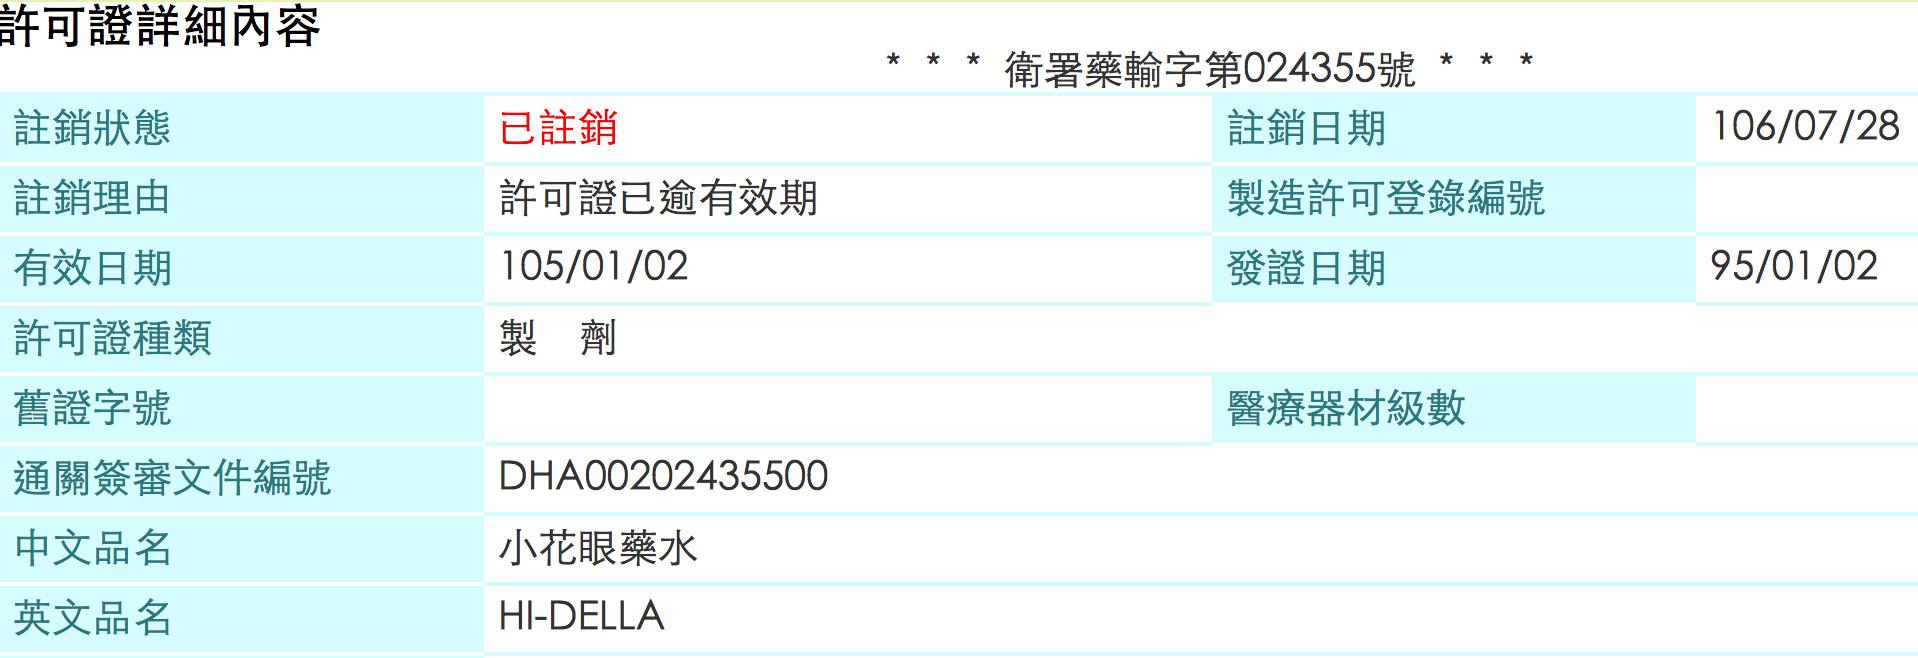 ▲「小花眼藥水」藥證逾期1年多 7月底正式「被註銷」。(圖/翻攝食藥署網站)